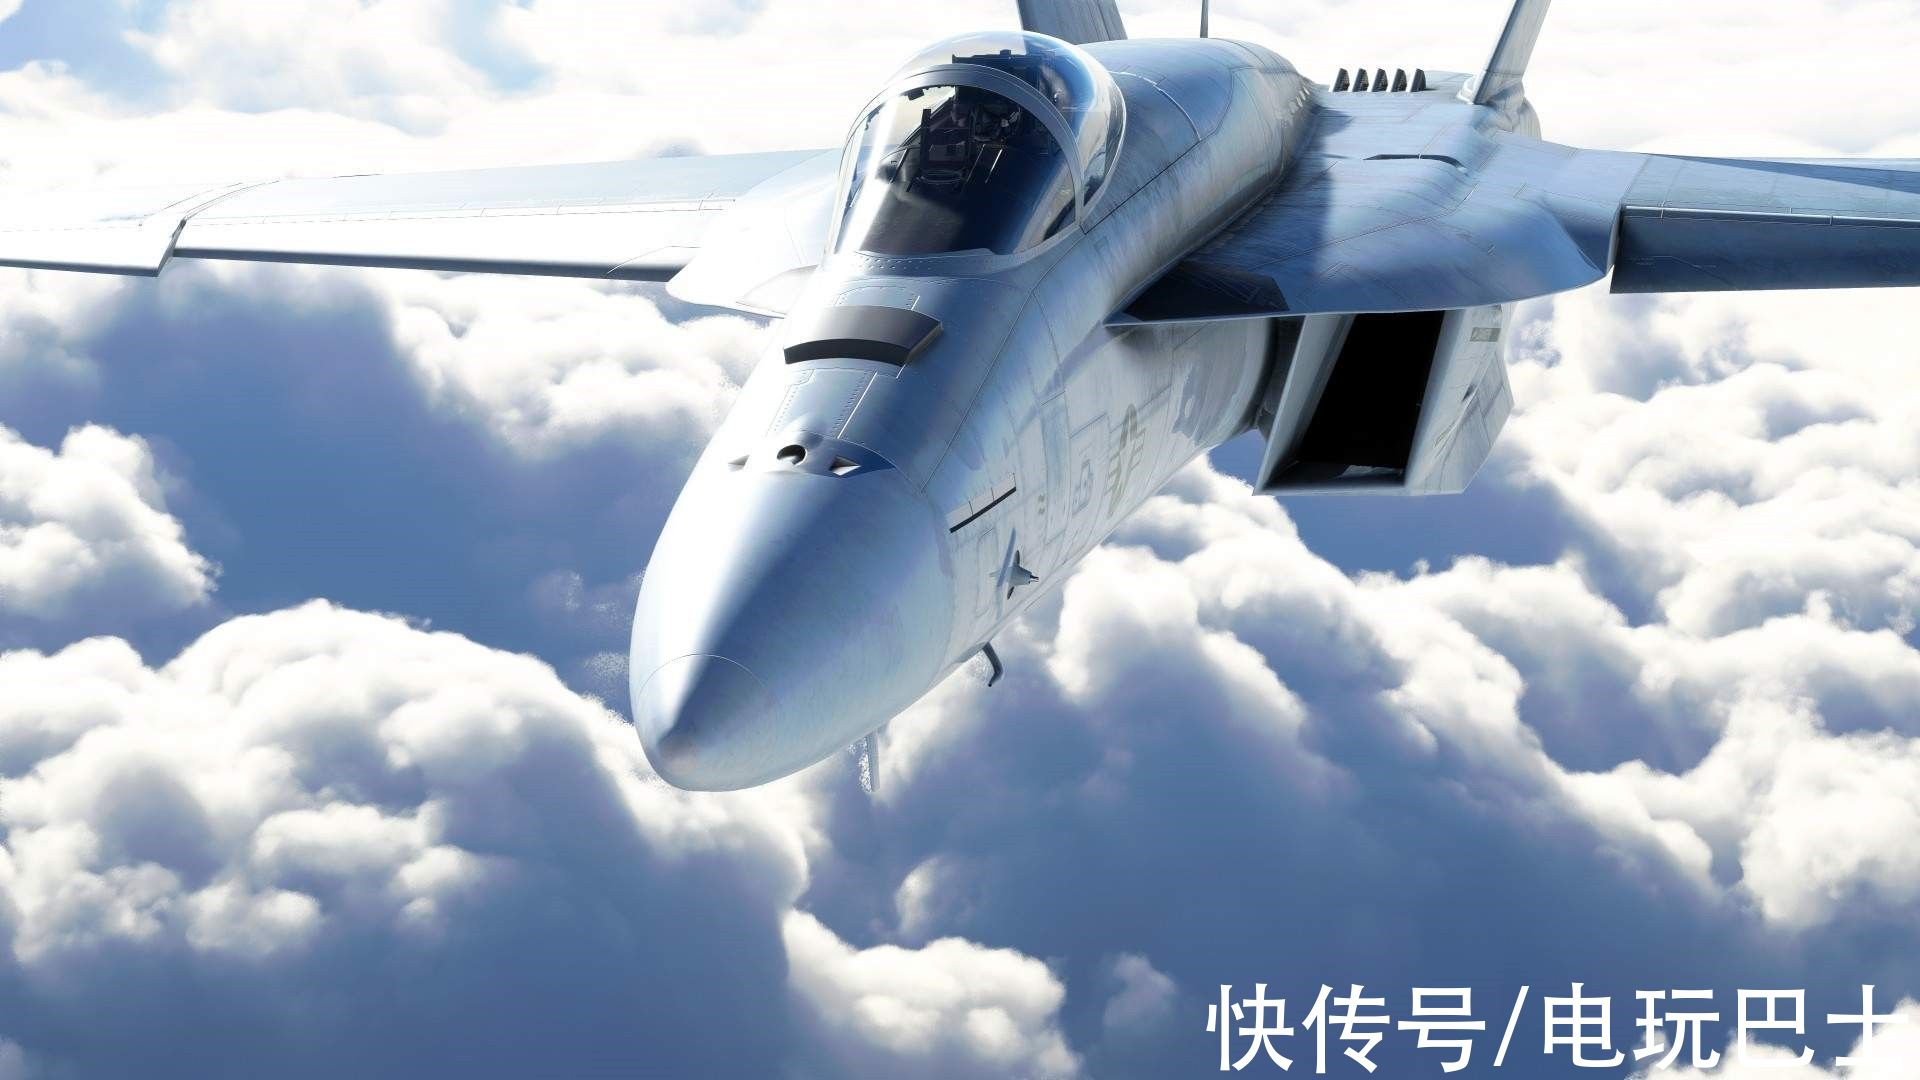 《微软飞行模拟:年度版》正式亮相,11月18日发售